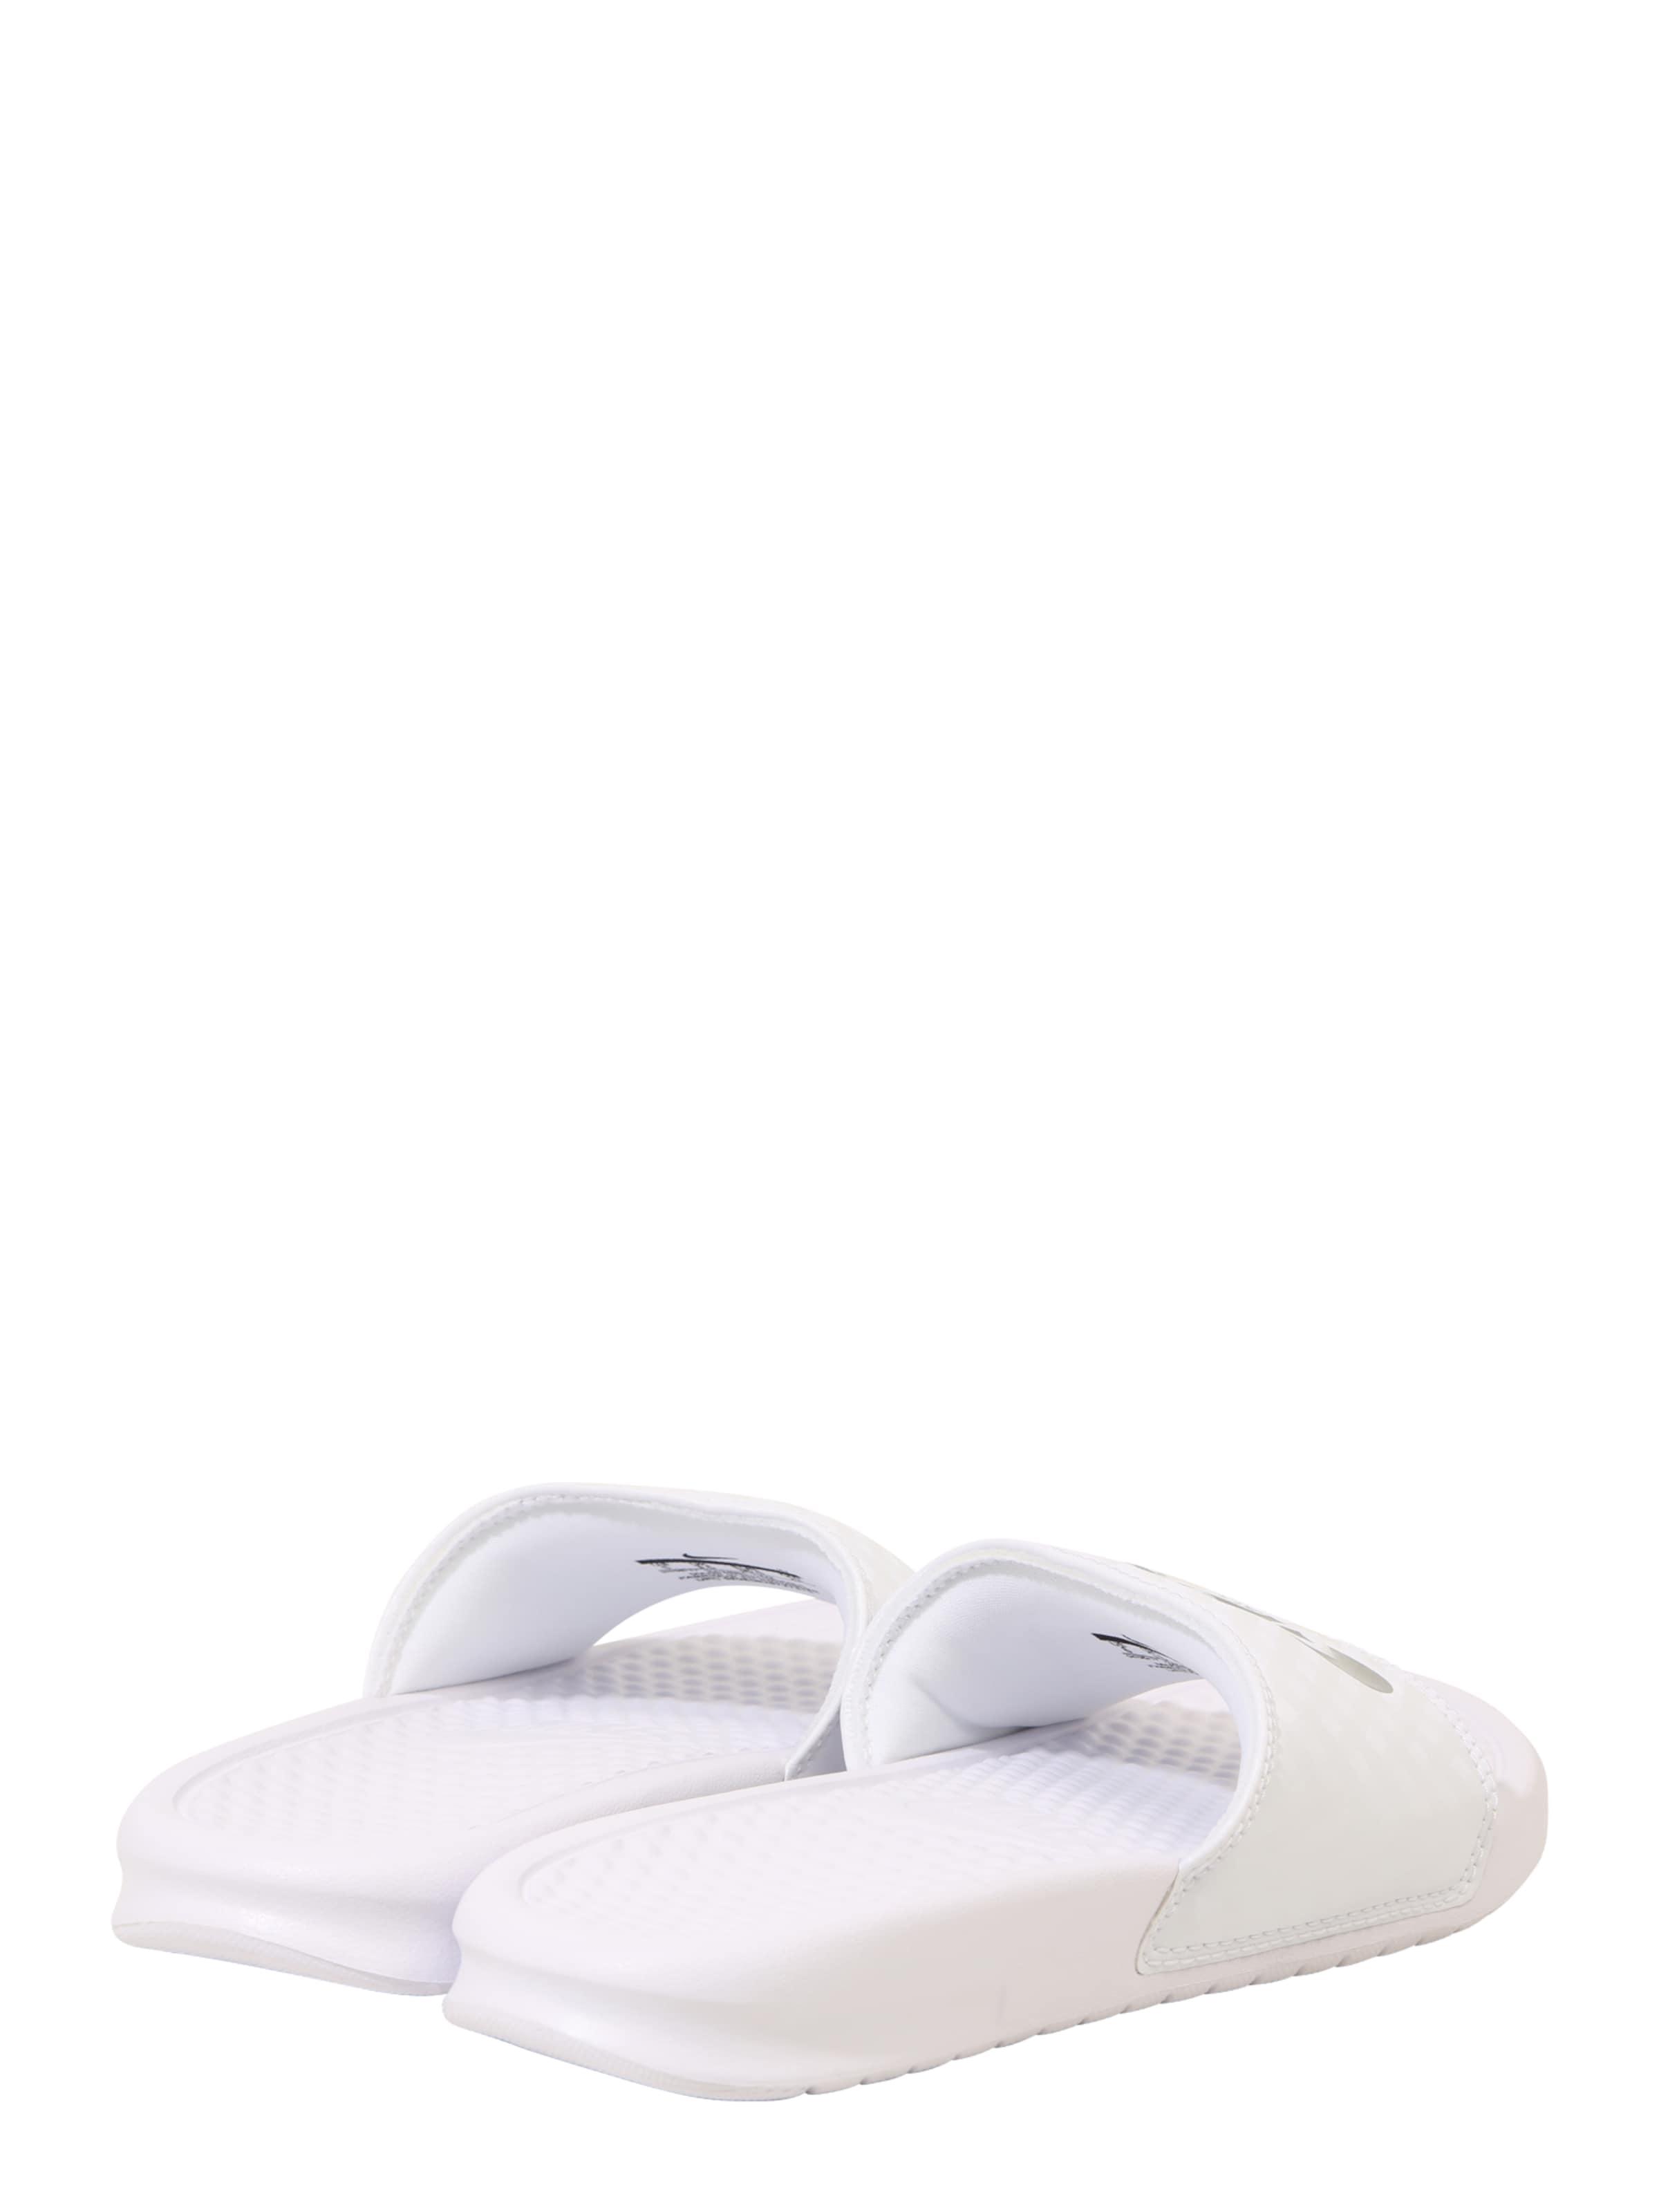 Auslass Bester Verkauf Spielraum-Shop Nike Sportswear Badeschuh 'Benassi Just Do It' Kaufen Preiswerte Qualität Auftrag kjalof9o50